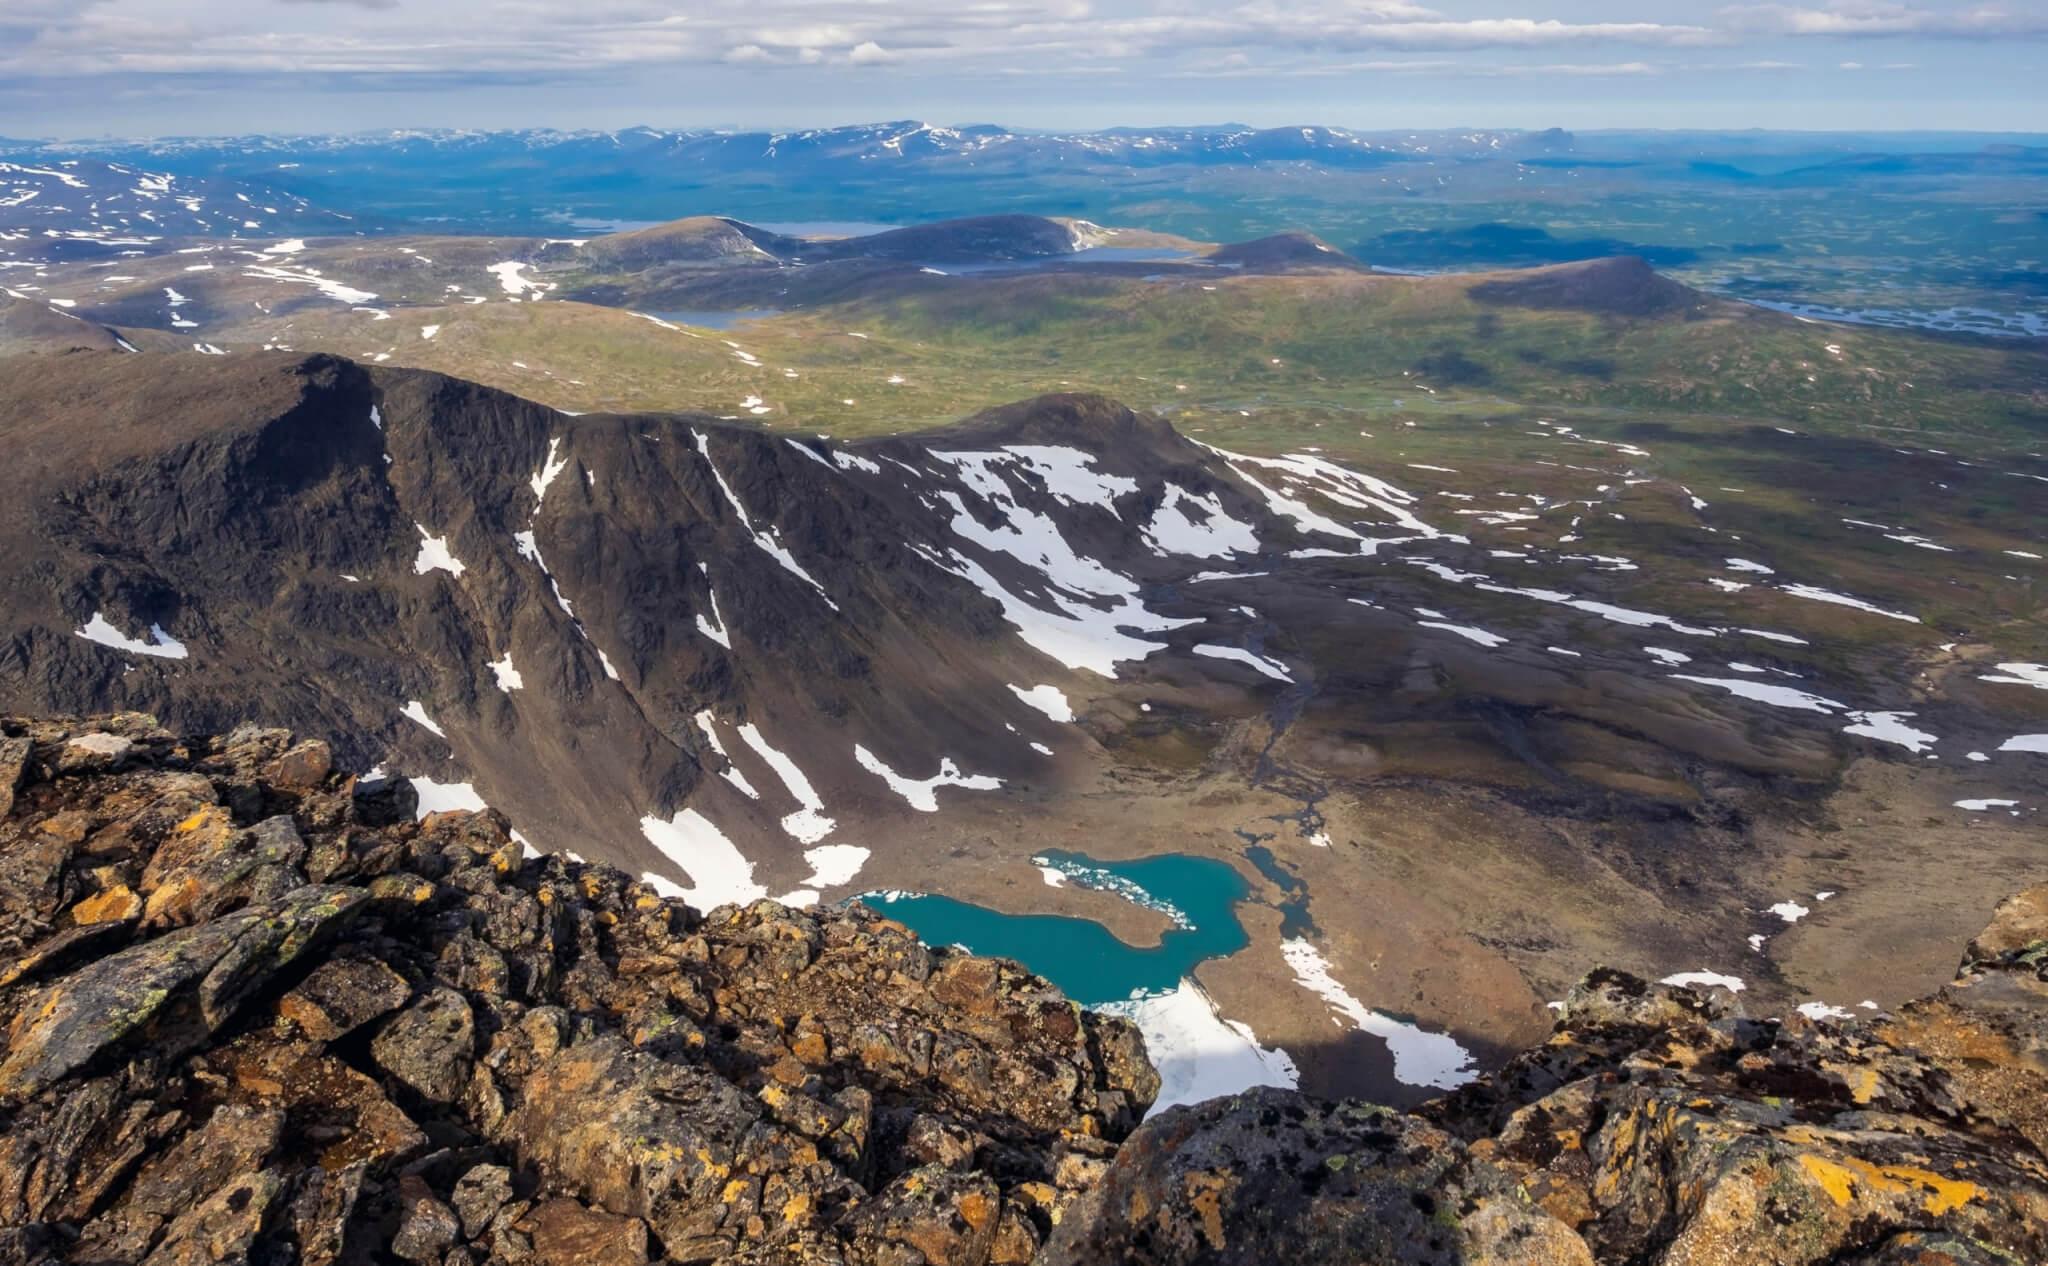 Norra Sytertoppen mot Ammarnäsfjällen sommardag. Stenskravel, grönt vatten och stor fjälldal.